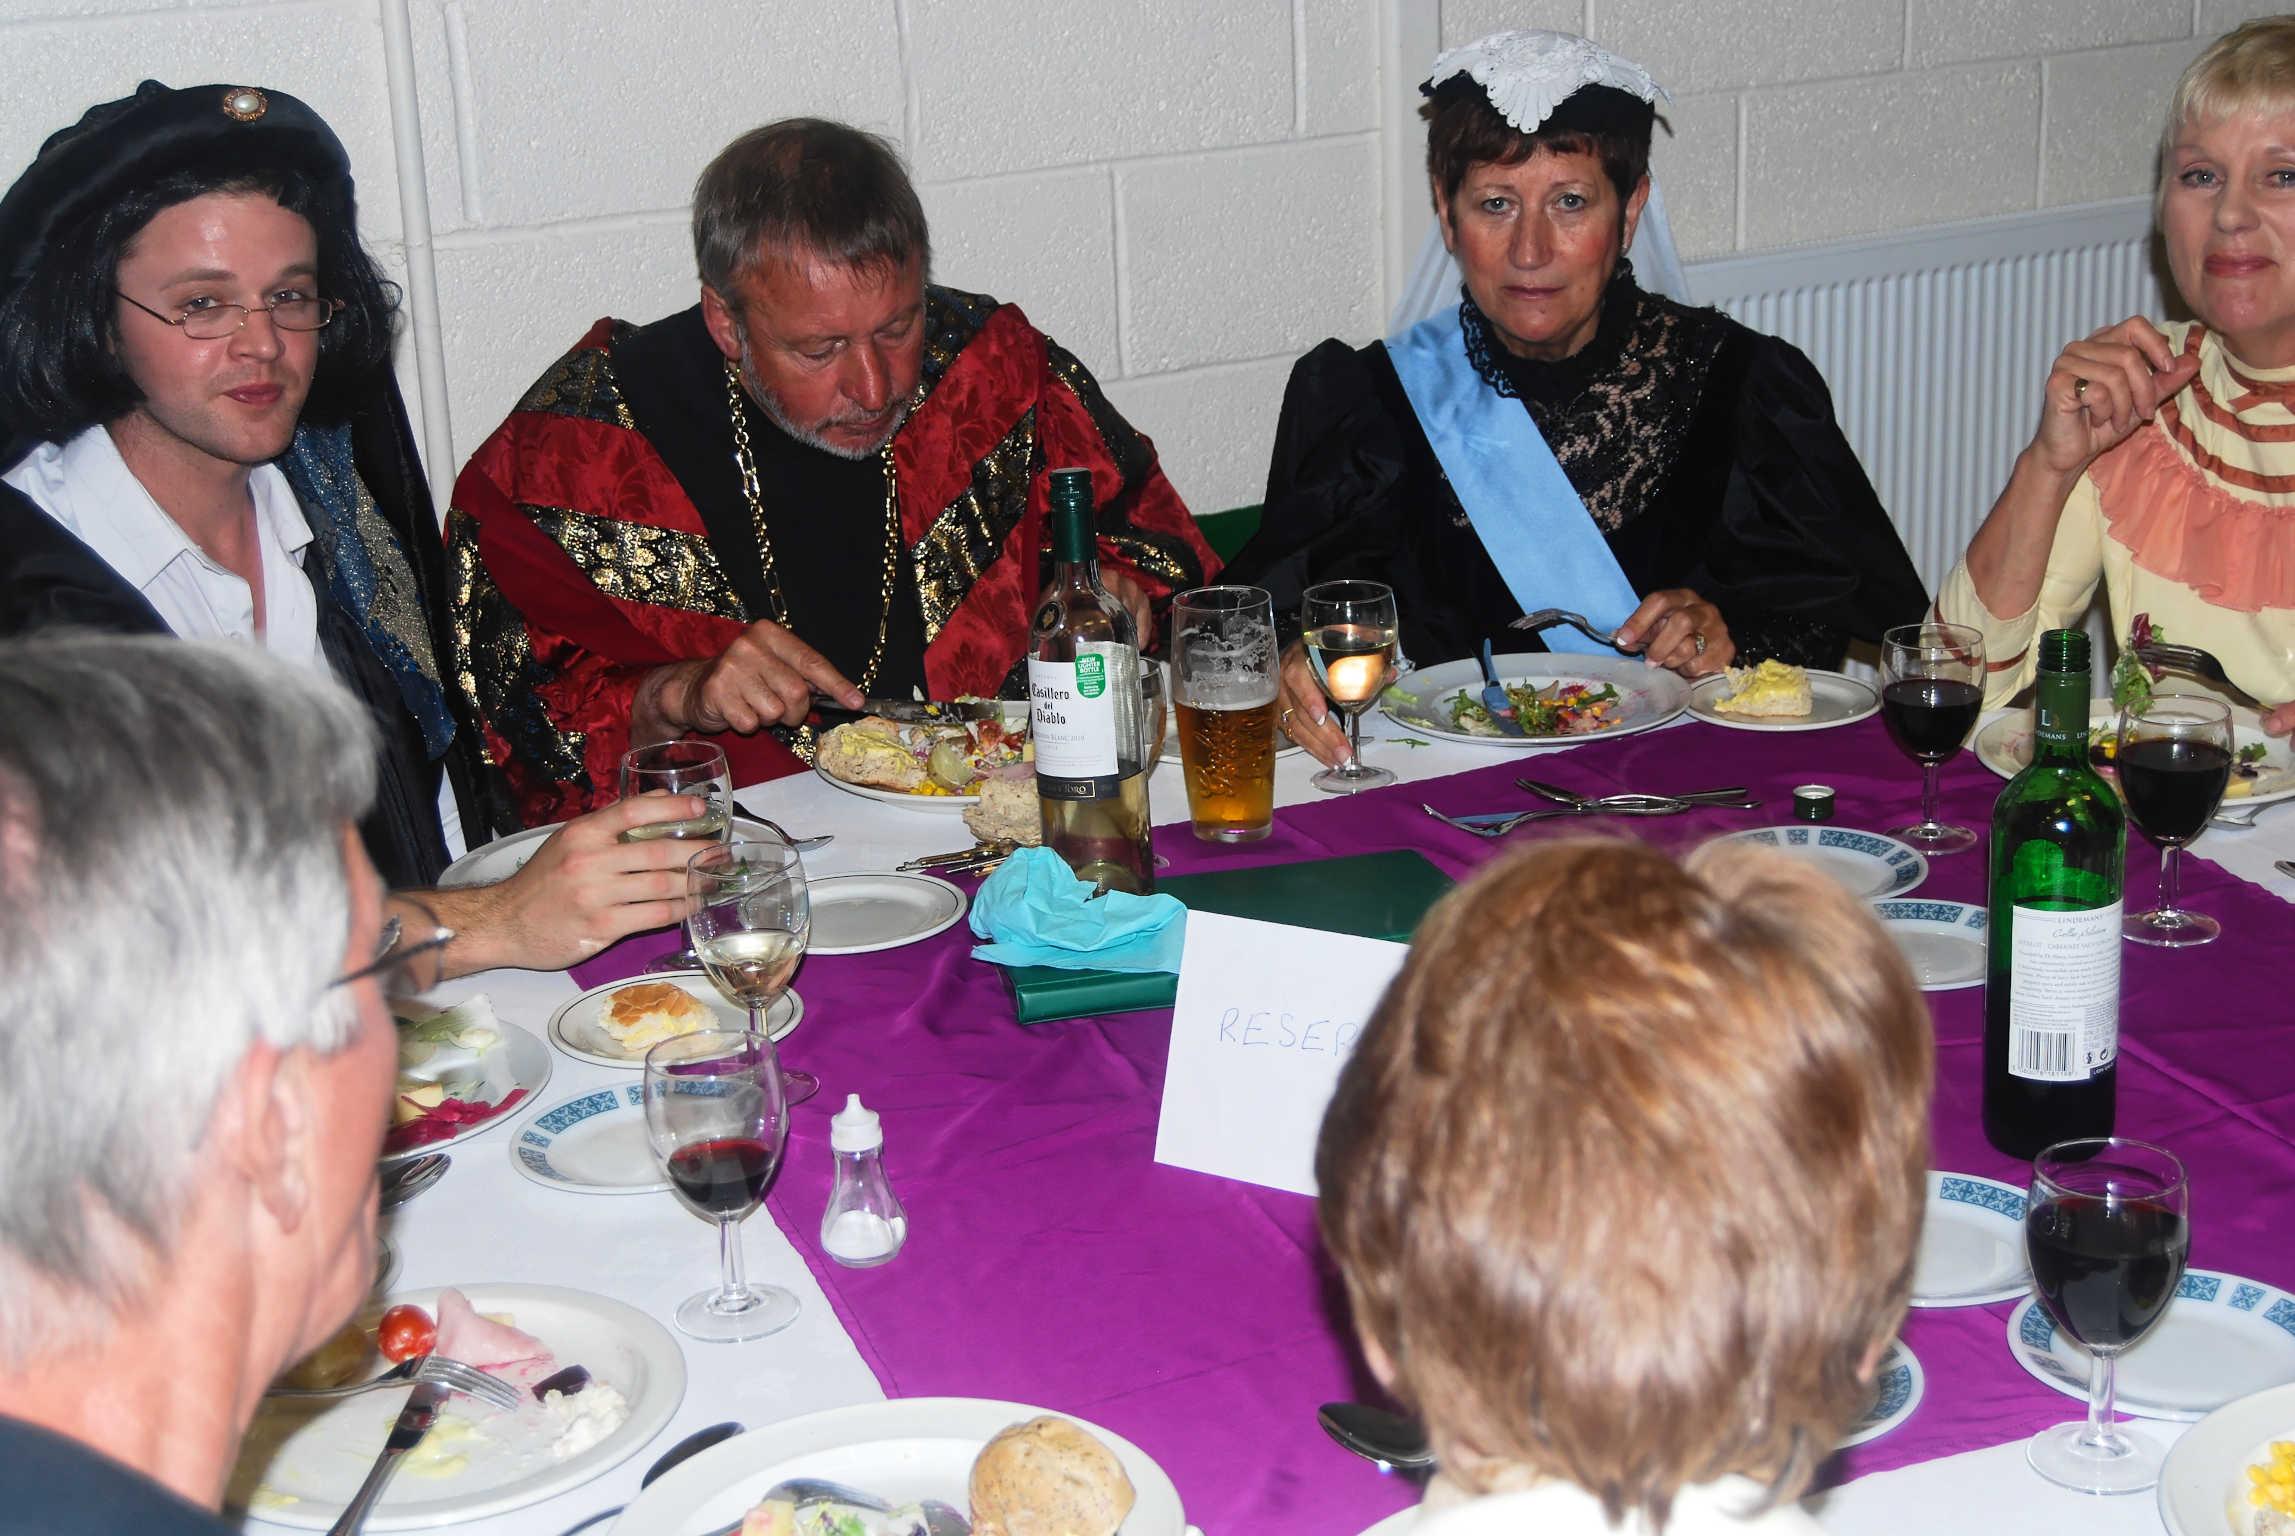 Banqueting at North Petherton Community Centre